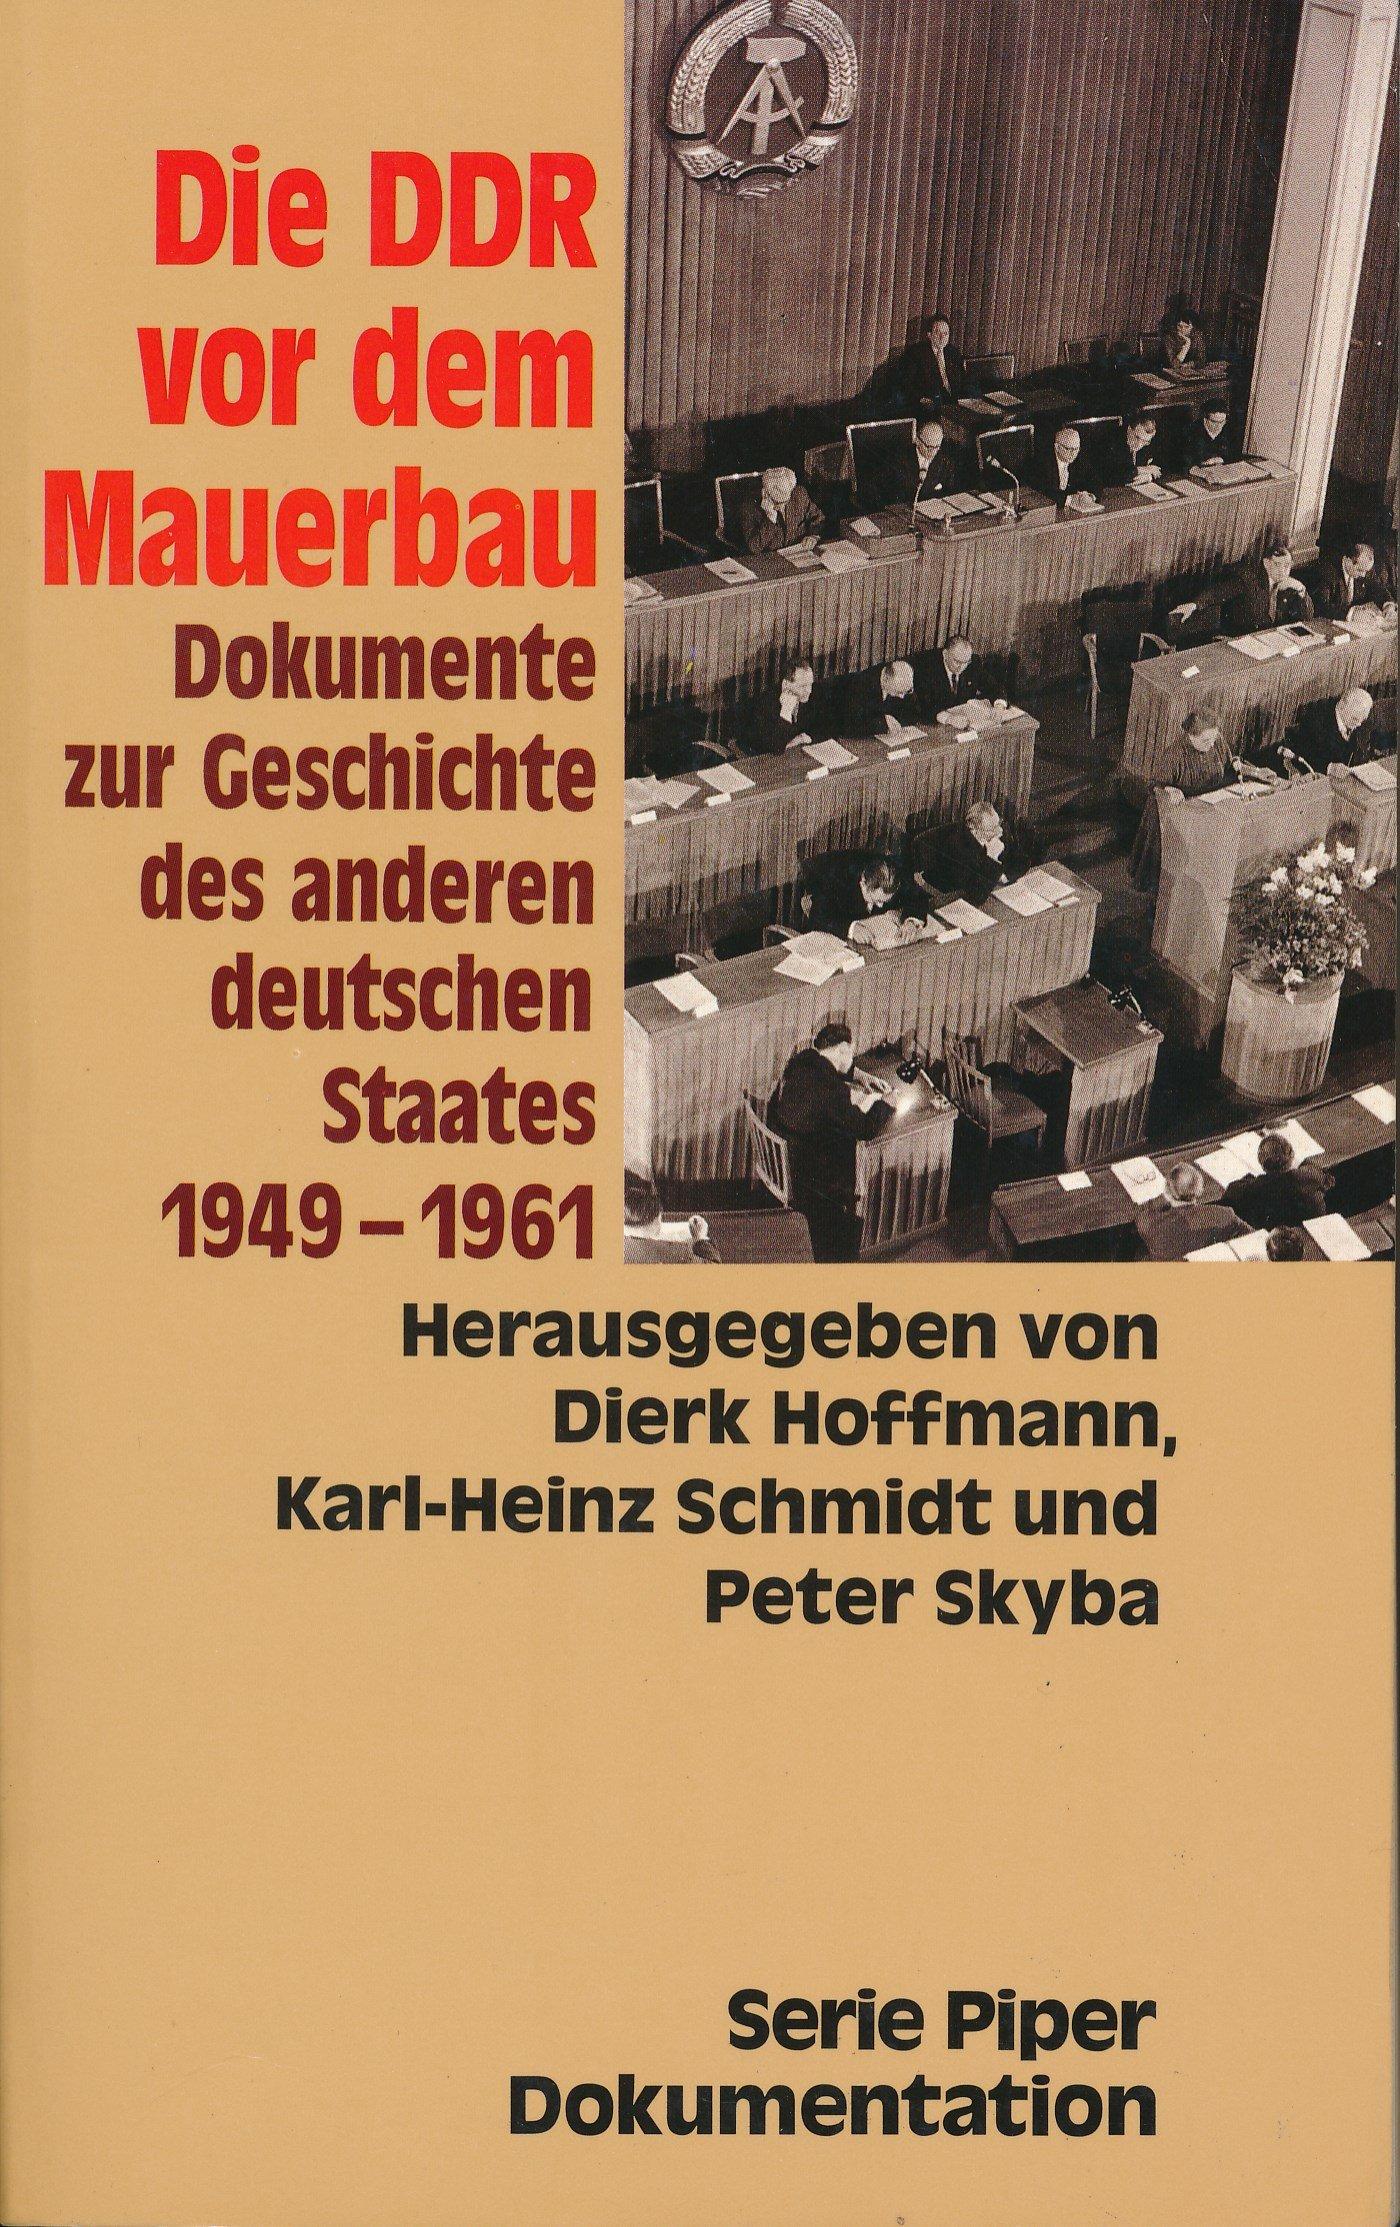 Die DDR vor dem Mauerbau: Dokumente zur Geschichte des anderen deutschen Staates 1949-1961